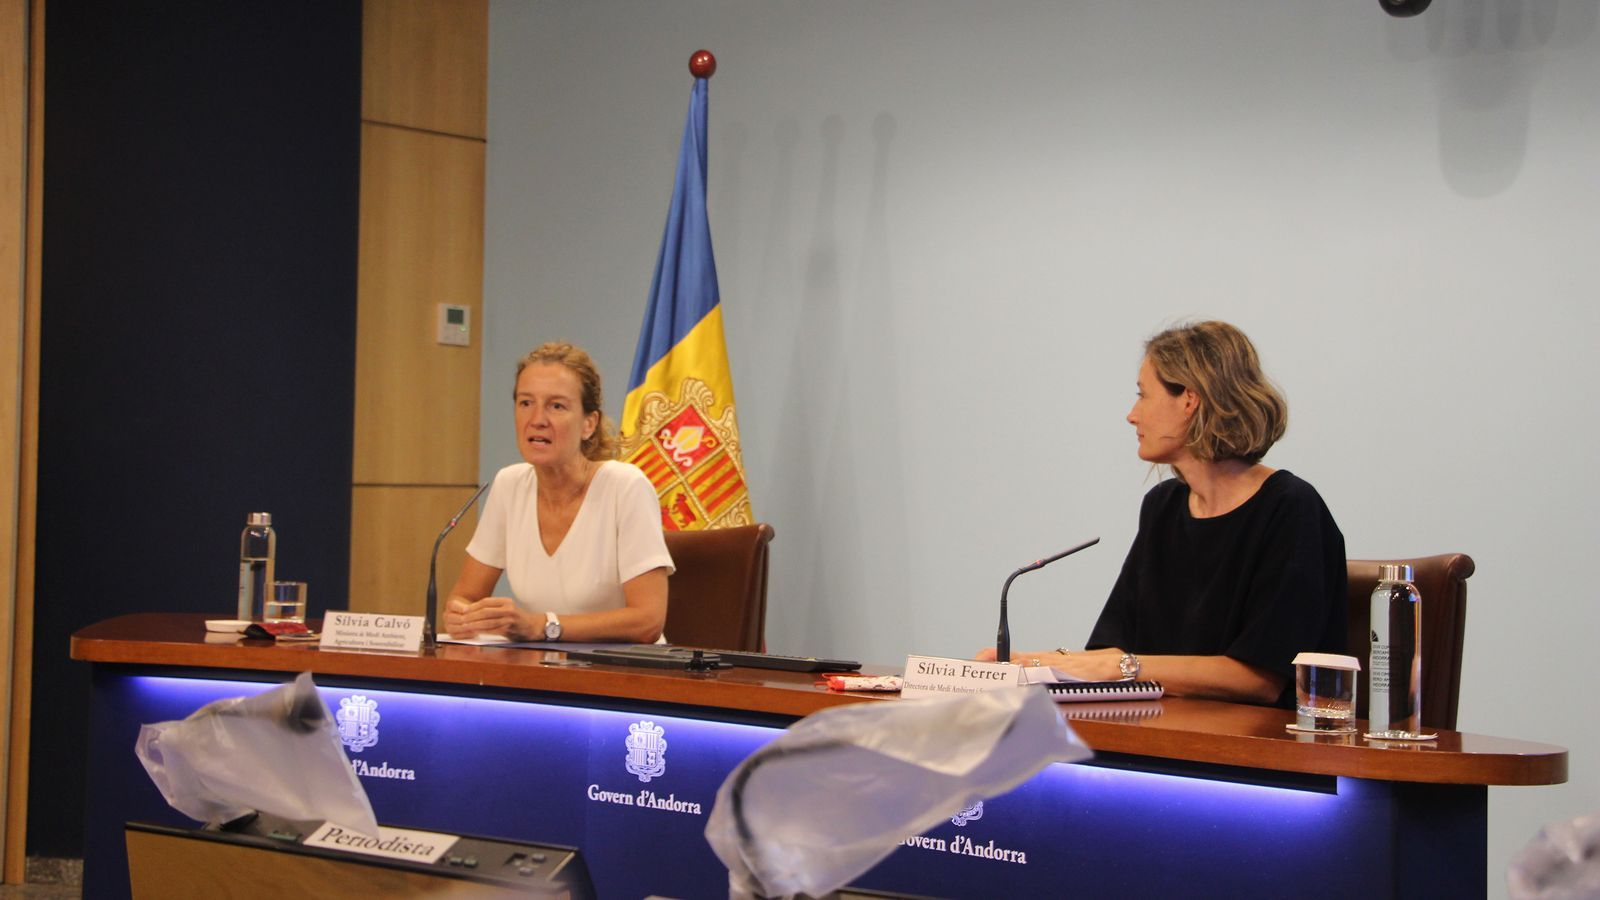 La ministra de Medi Ambient, Agricultura i Sostenibilitat, Sílvia Calvó, juntament amb la directora de Medi Ambient i Sostenibilitat, Sílvia Ferrer, durant la presentació